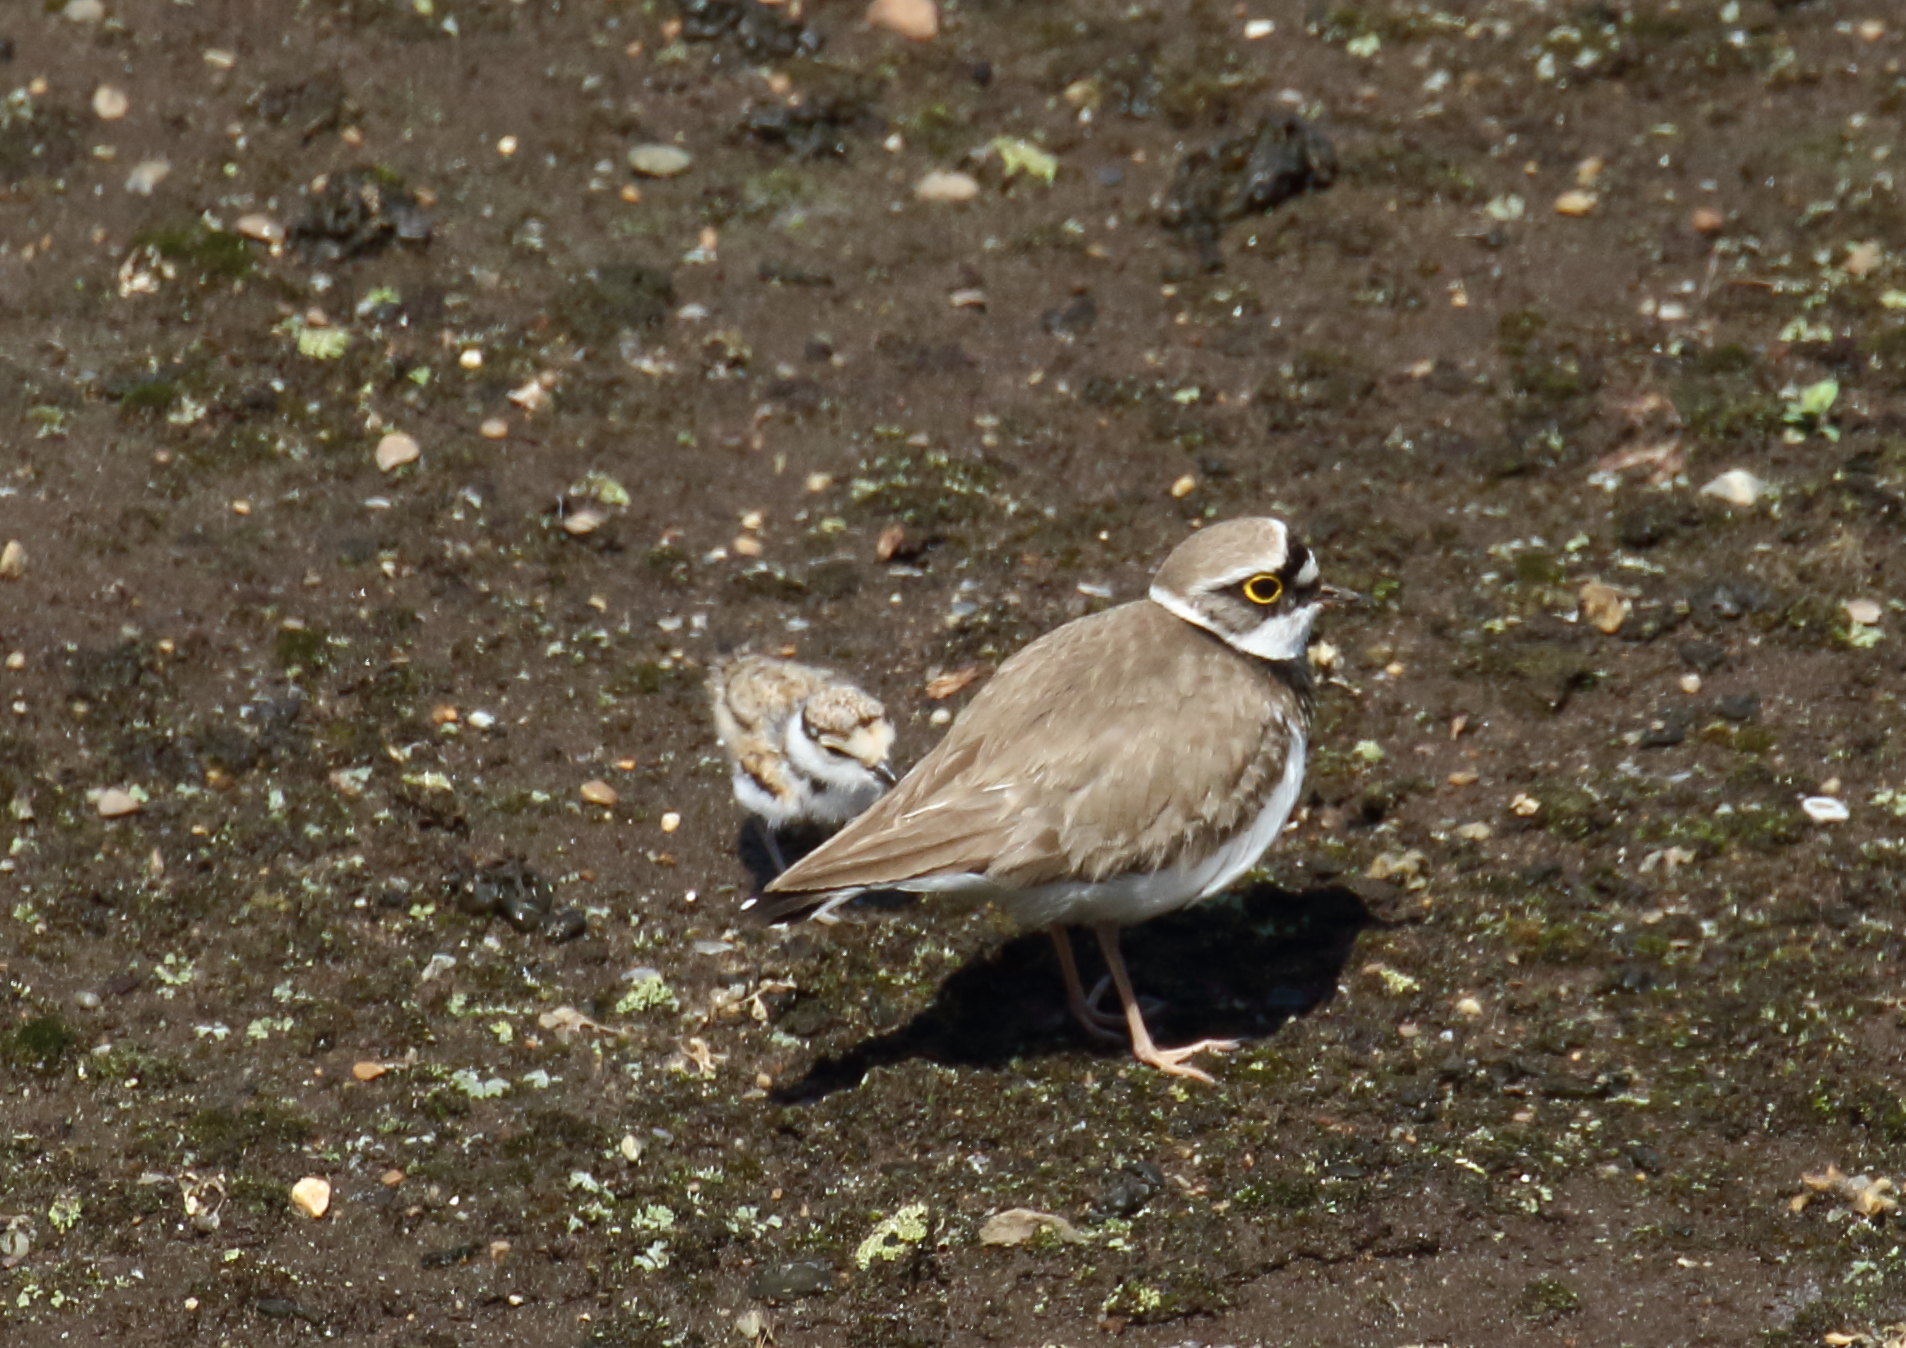 羽毛に潜り込む雛1羽目. コチドリ親子 2021/4/30 柏市郊外 大きな声を発し雛を呼び寄せる親 一羽目戻る。